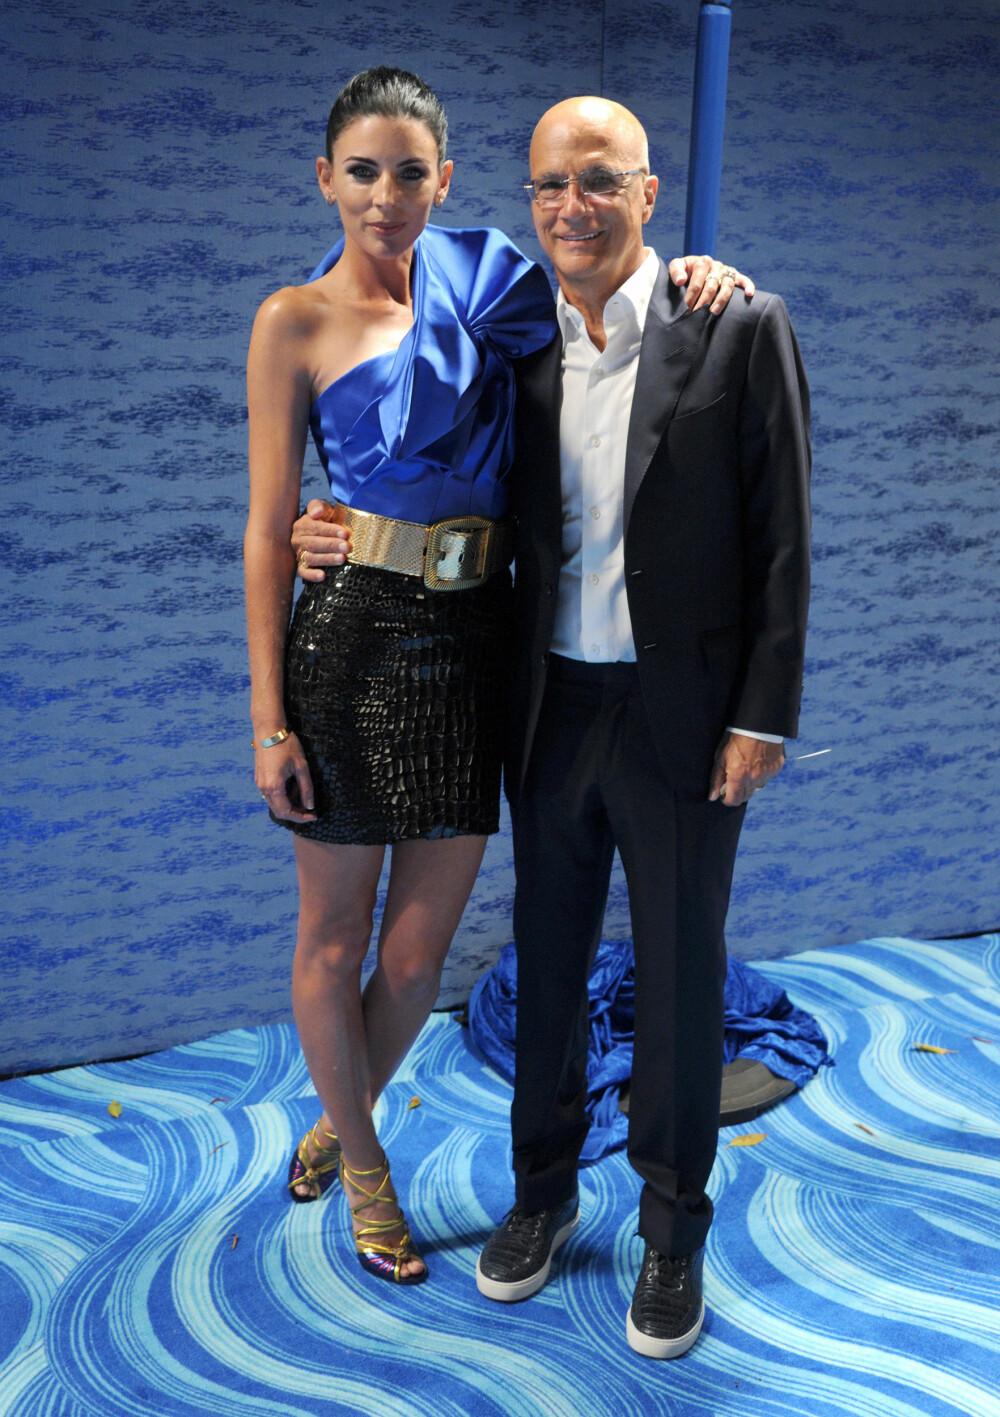 JIMMY IOVINE: Legendarisk produsent og Apple Music-sjef Jimmy Iovine sammen med kona, skuespiller og modell Liberty Ross.